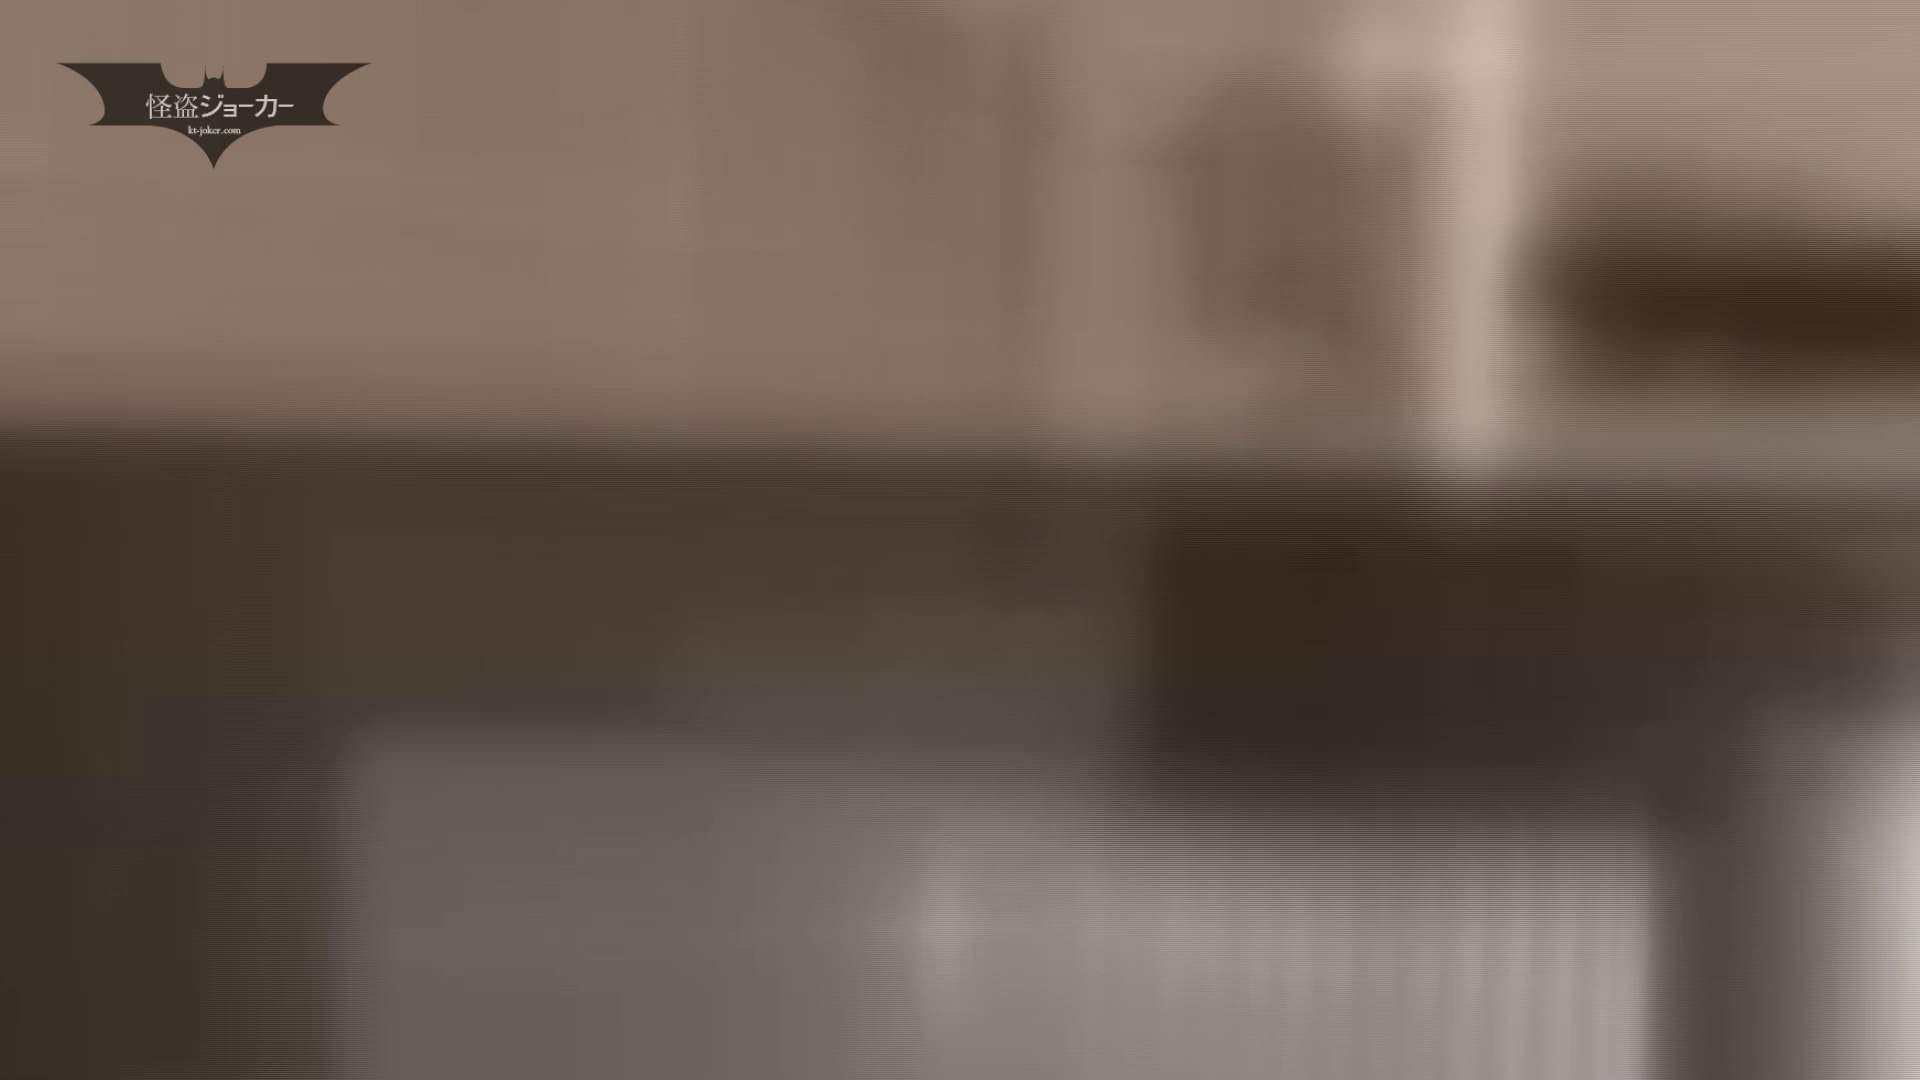 ヒトニアラヅNo.10 雪の様な白い肌 ギャル・コレクション   おまんこ無修正  60連発 15